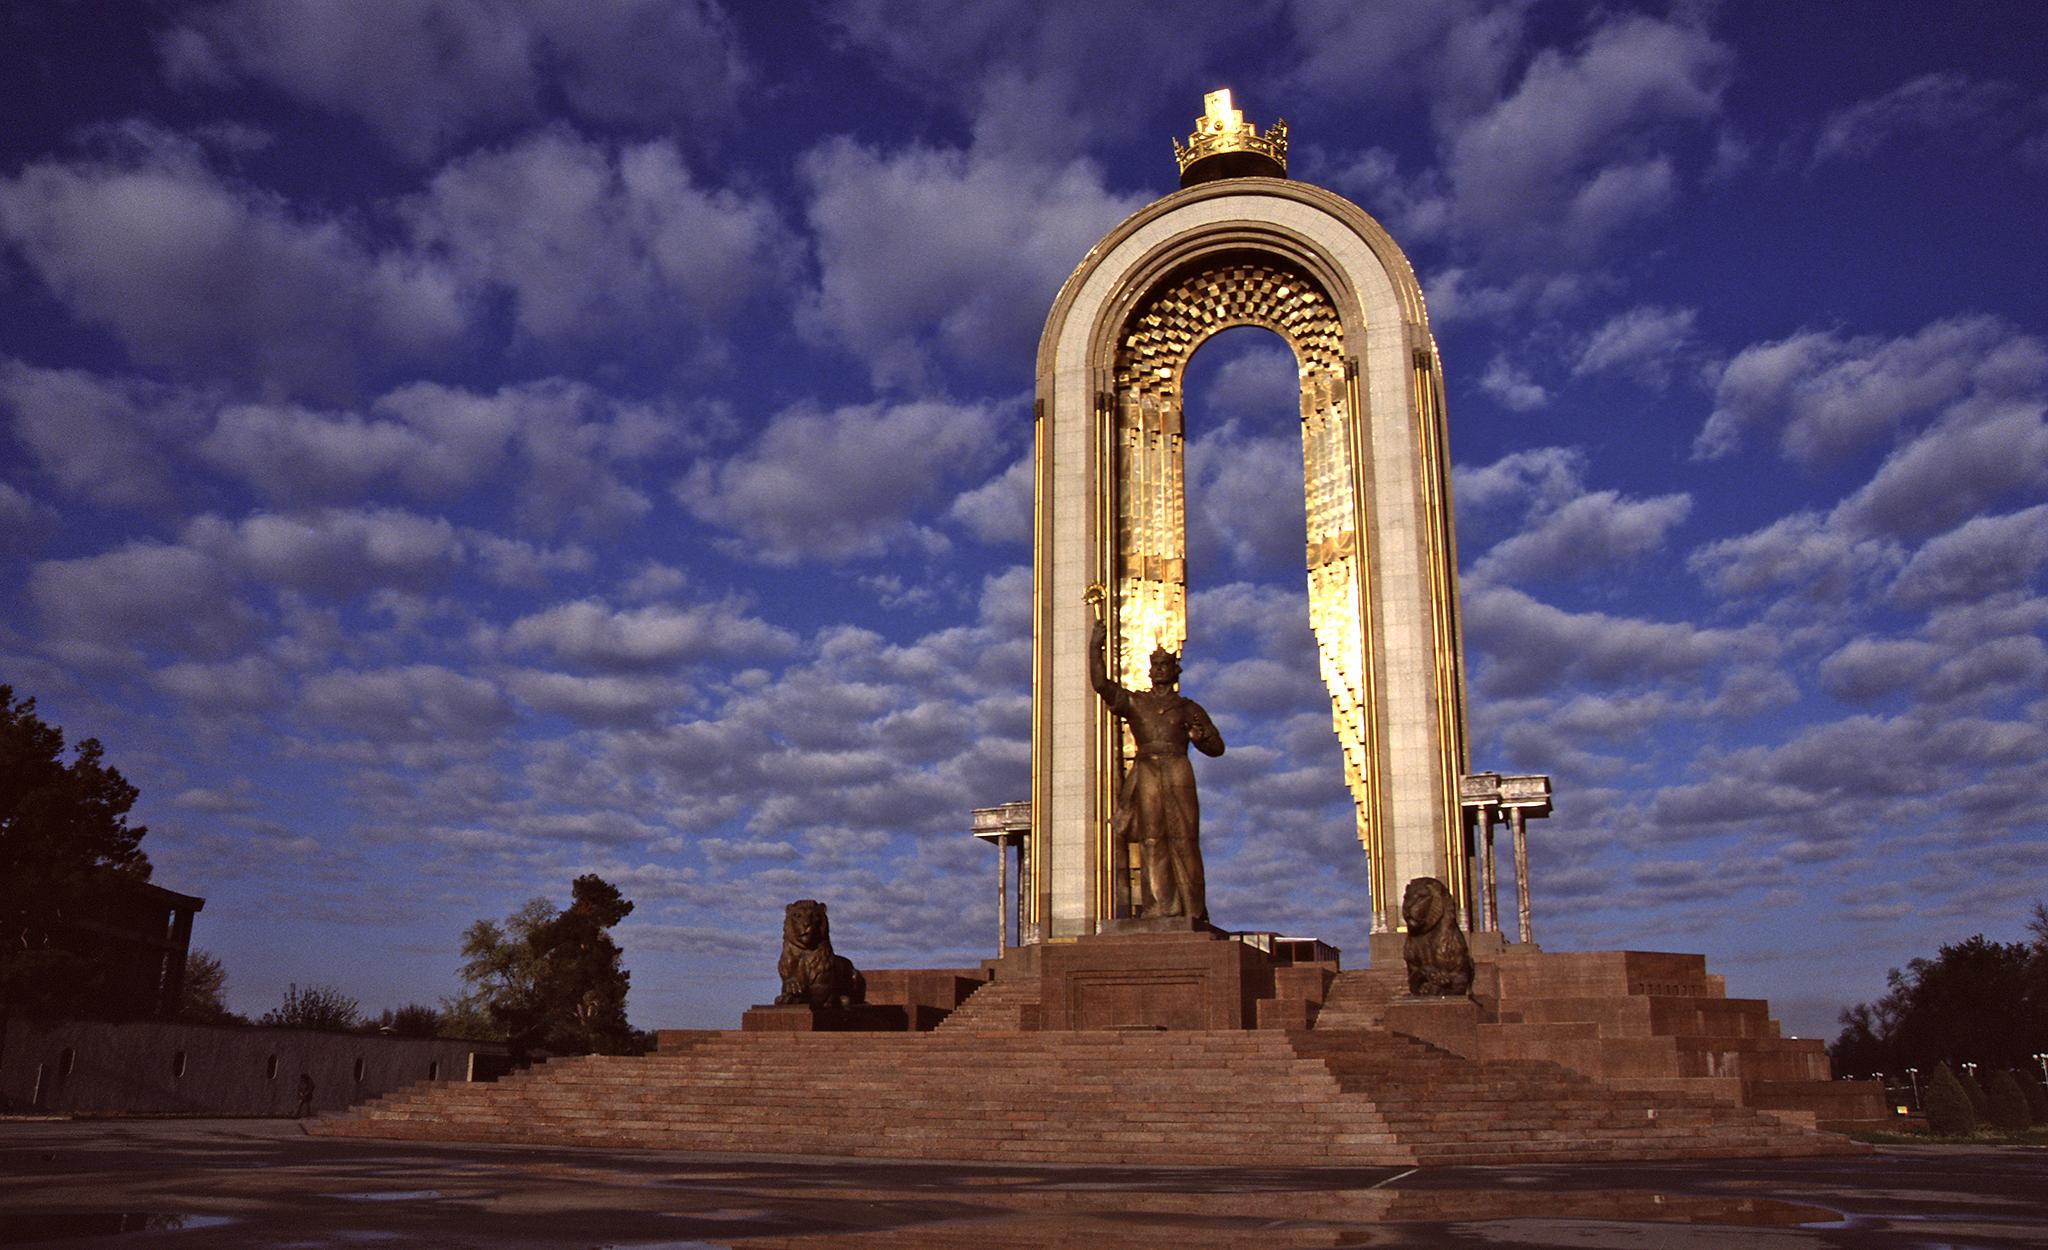 2003 / Dushanbe Ismail Somoni Monument